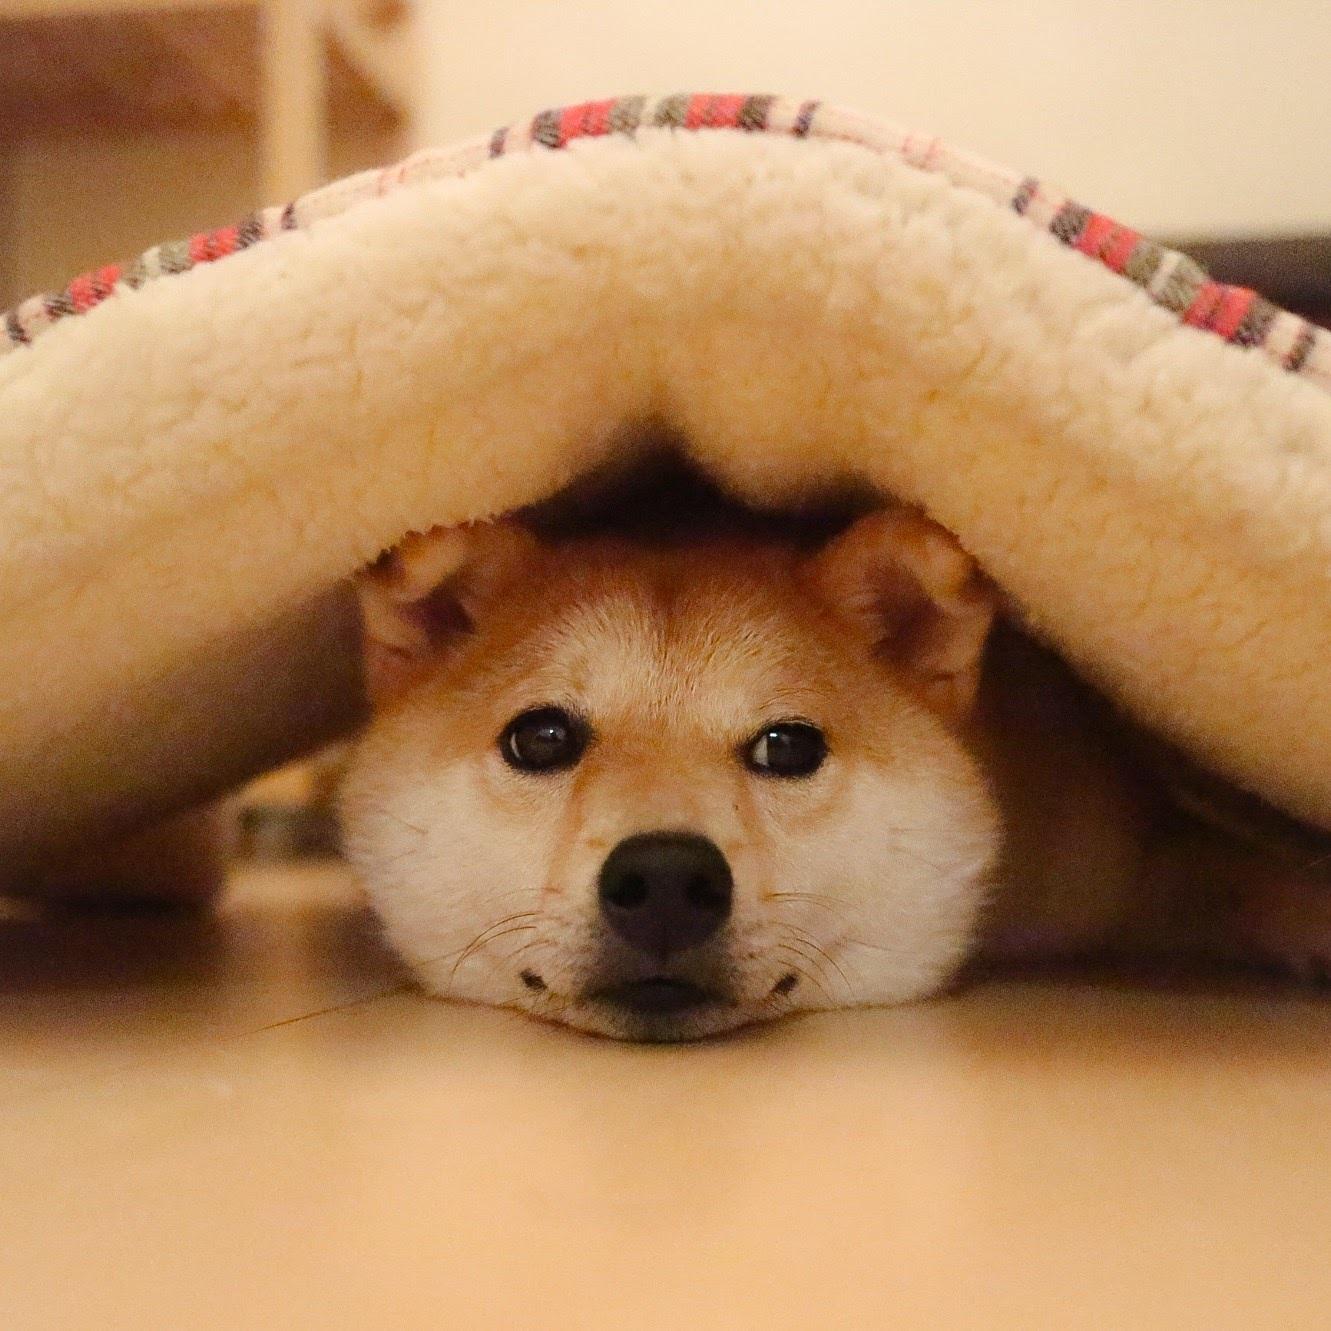 かわいすぎると絶賛。SNSで「1万いいね!」がつく柴犬に注目!人気の理由は?